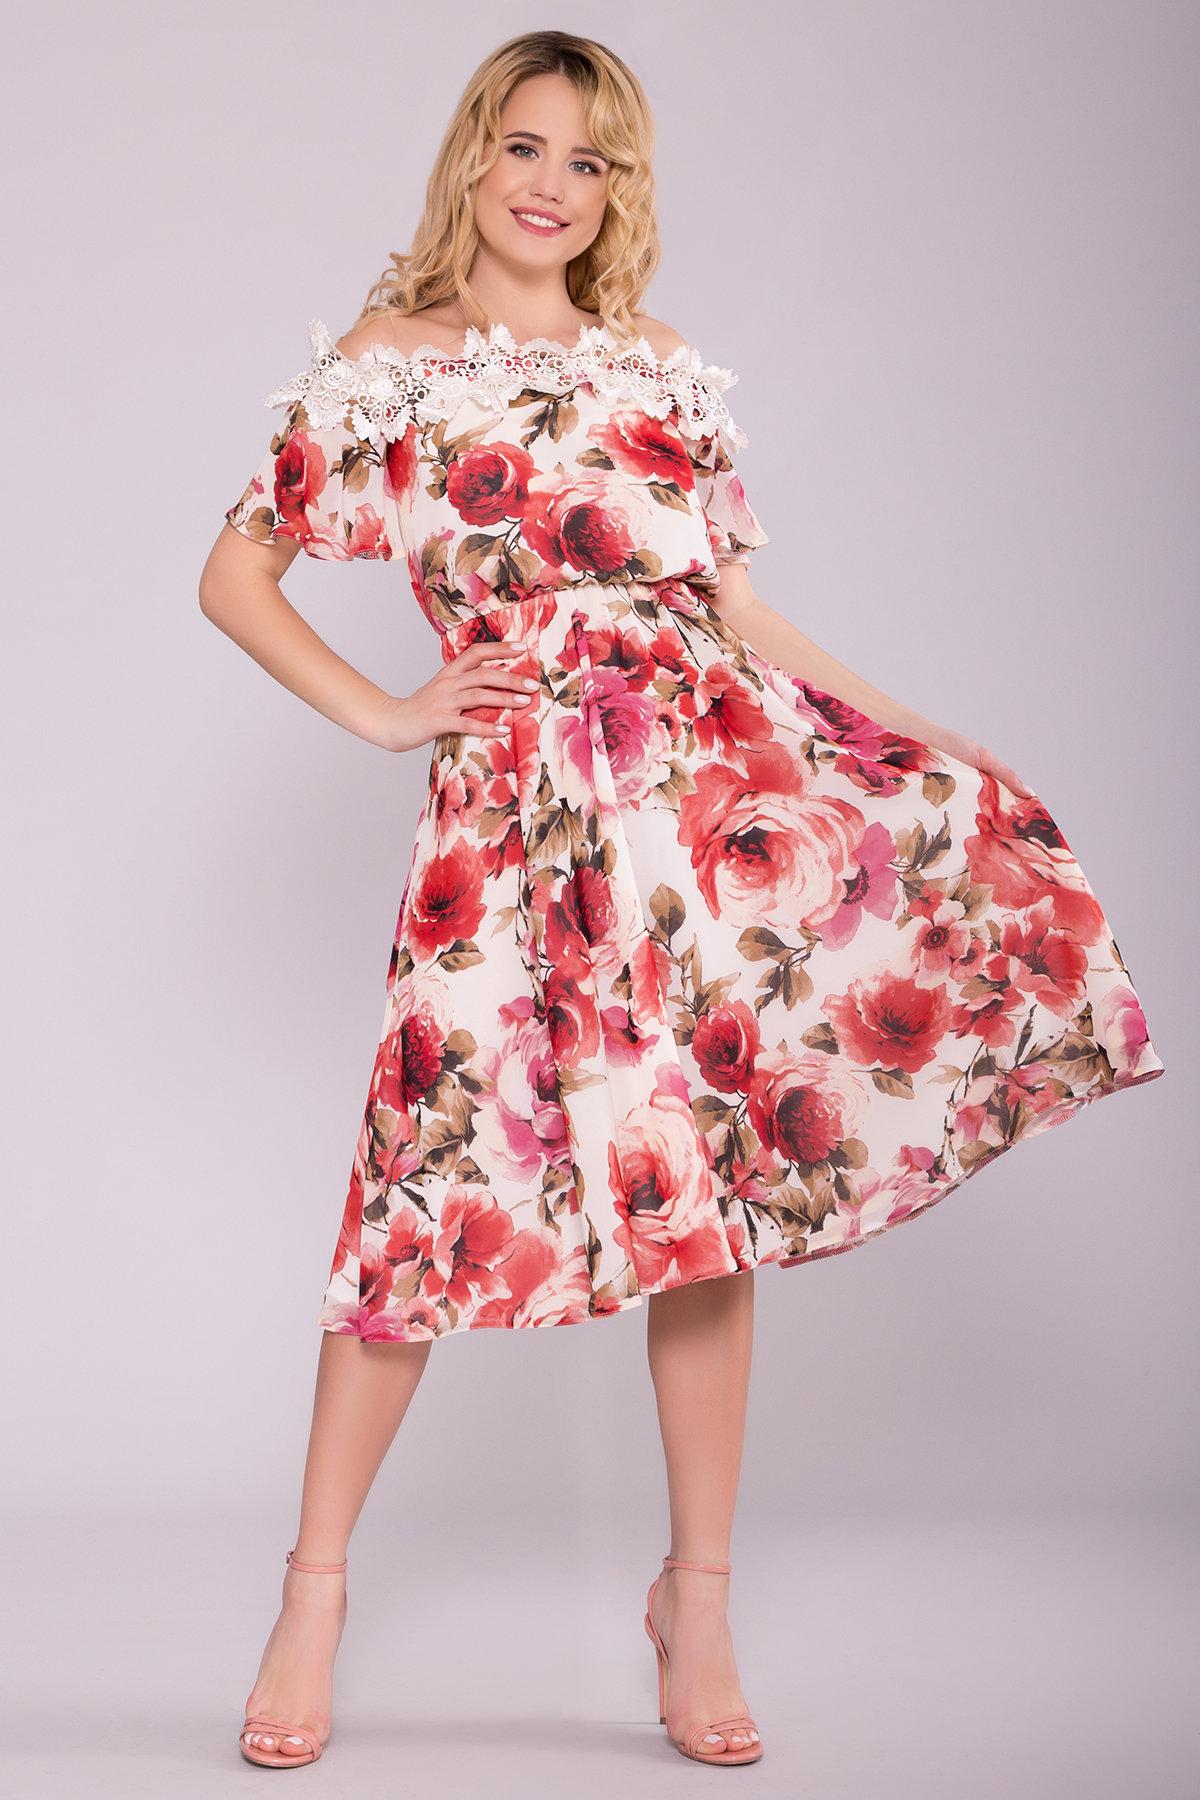 Платье Маргарет 6924 АРТ. 42293 Цвет: Розы молоко/коралл - фото 3, интернет магазин tm-modus.ru